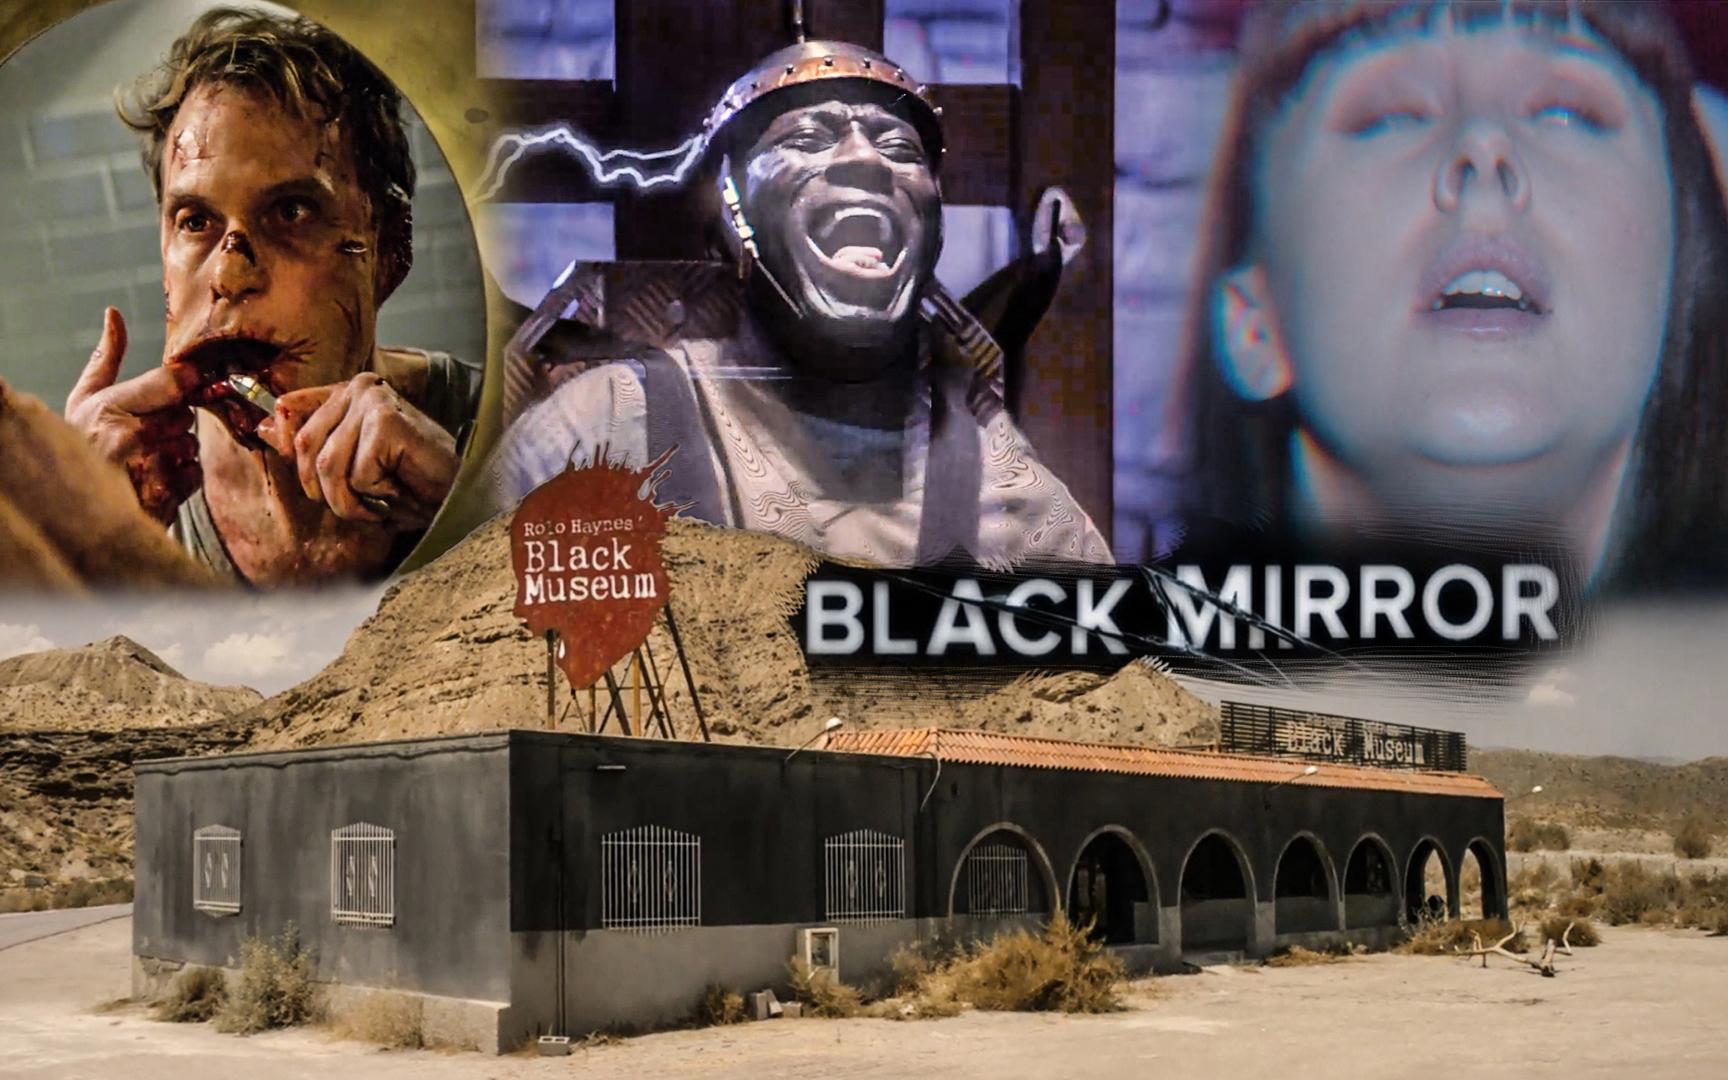 【墨菲】《黑镜·黑色博物馆》:科技有罪——封禁的科技产品展览,黑镜宇宙